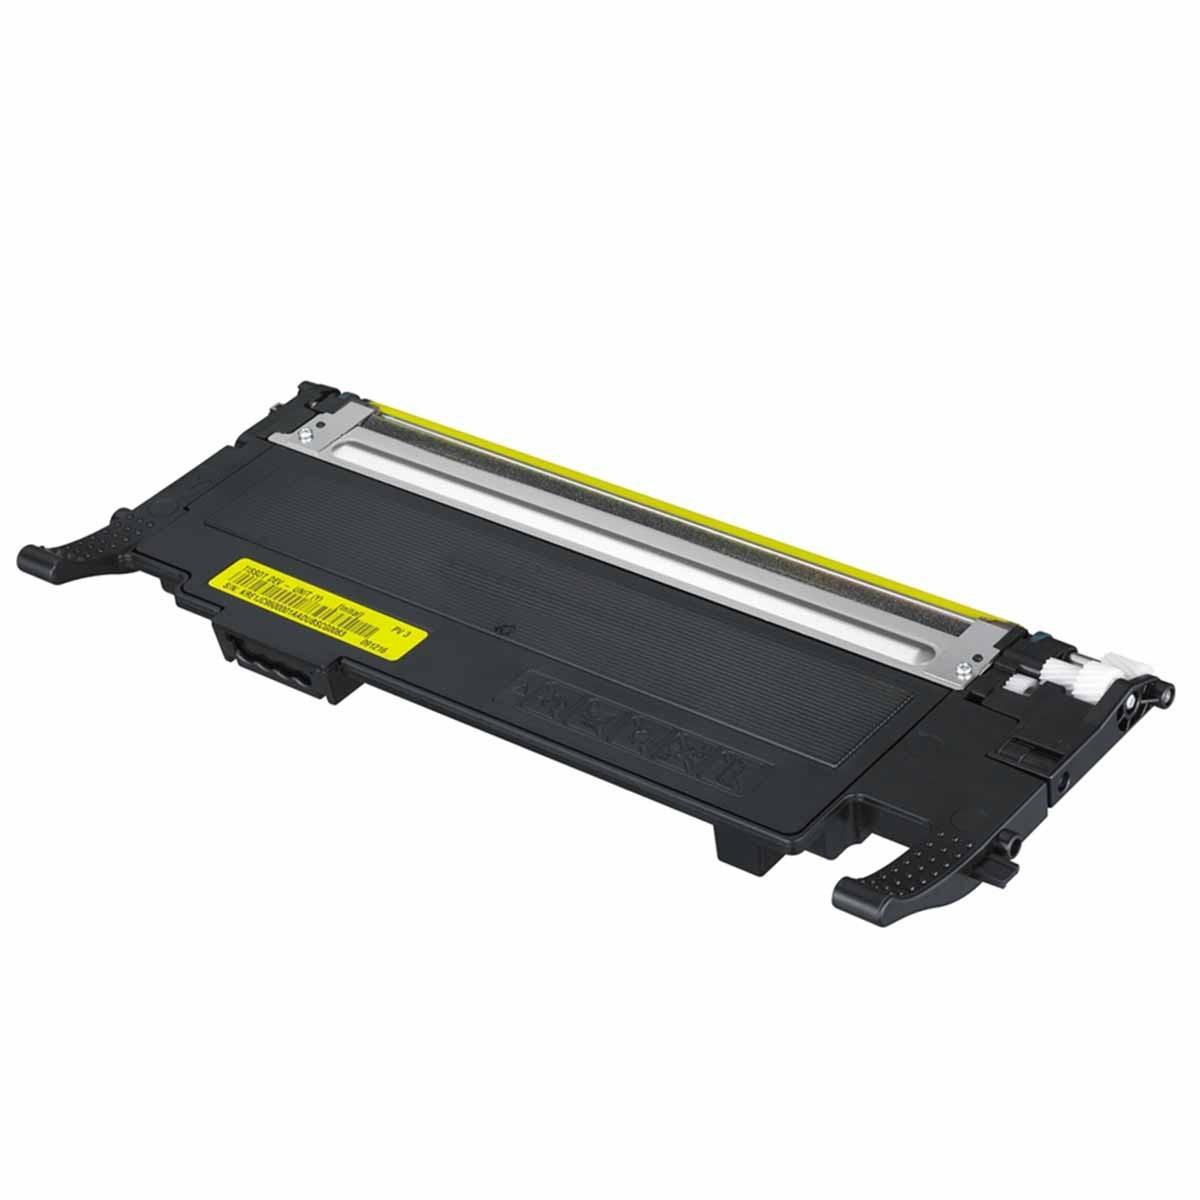 CARTUCHO SAMSUNG CLP320/325/CLX3285 -CLT-Y407S YELLOW (COMPATÍVEL)